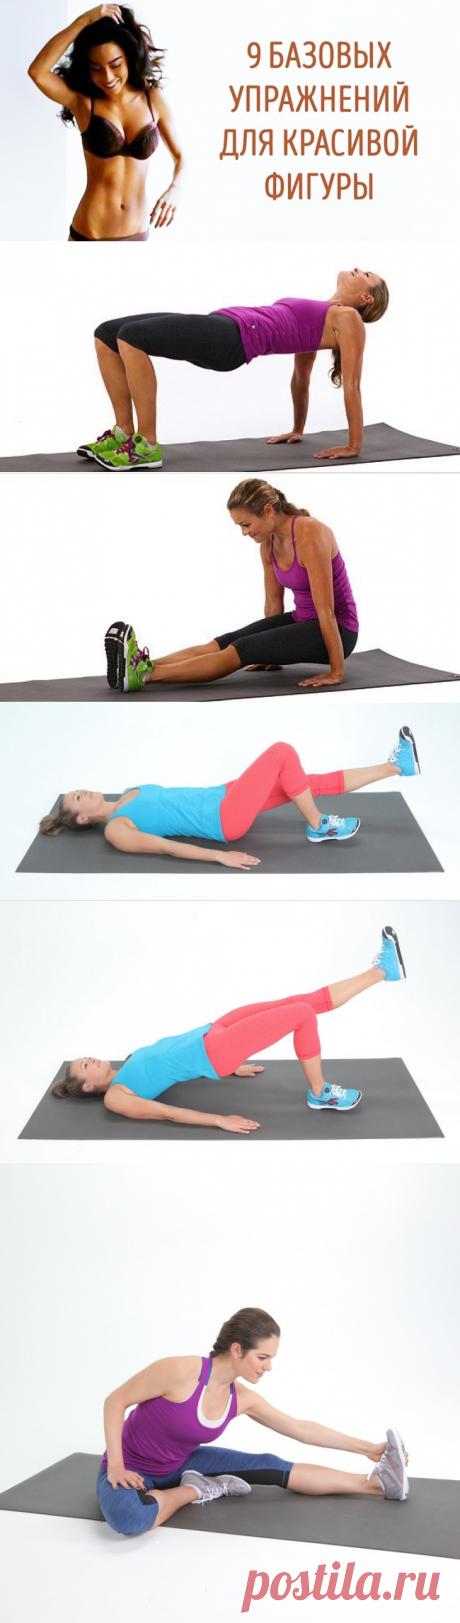 9базовых упражнений для красивой фигуры